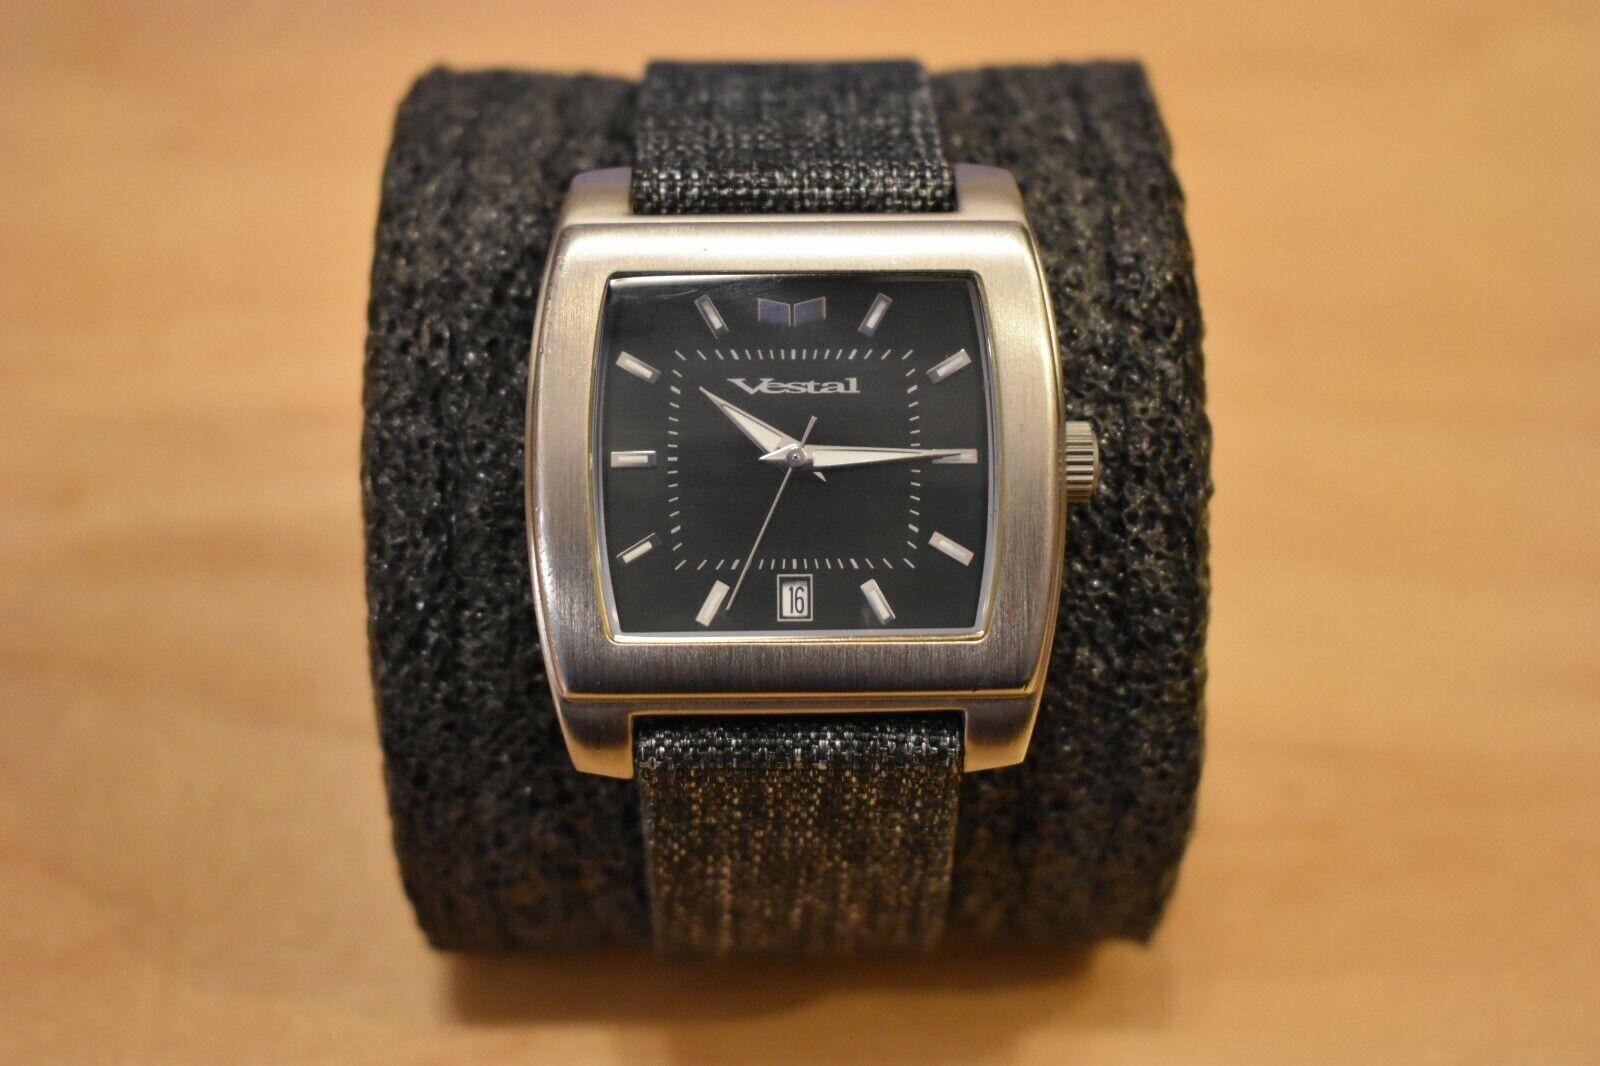 Vestal Scorpion Watch Blue - $74.99